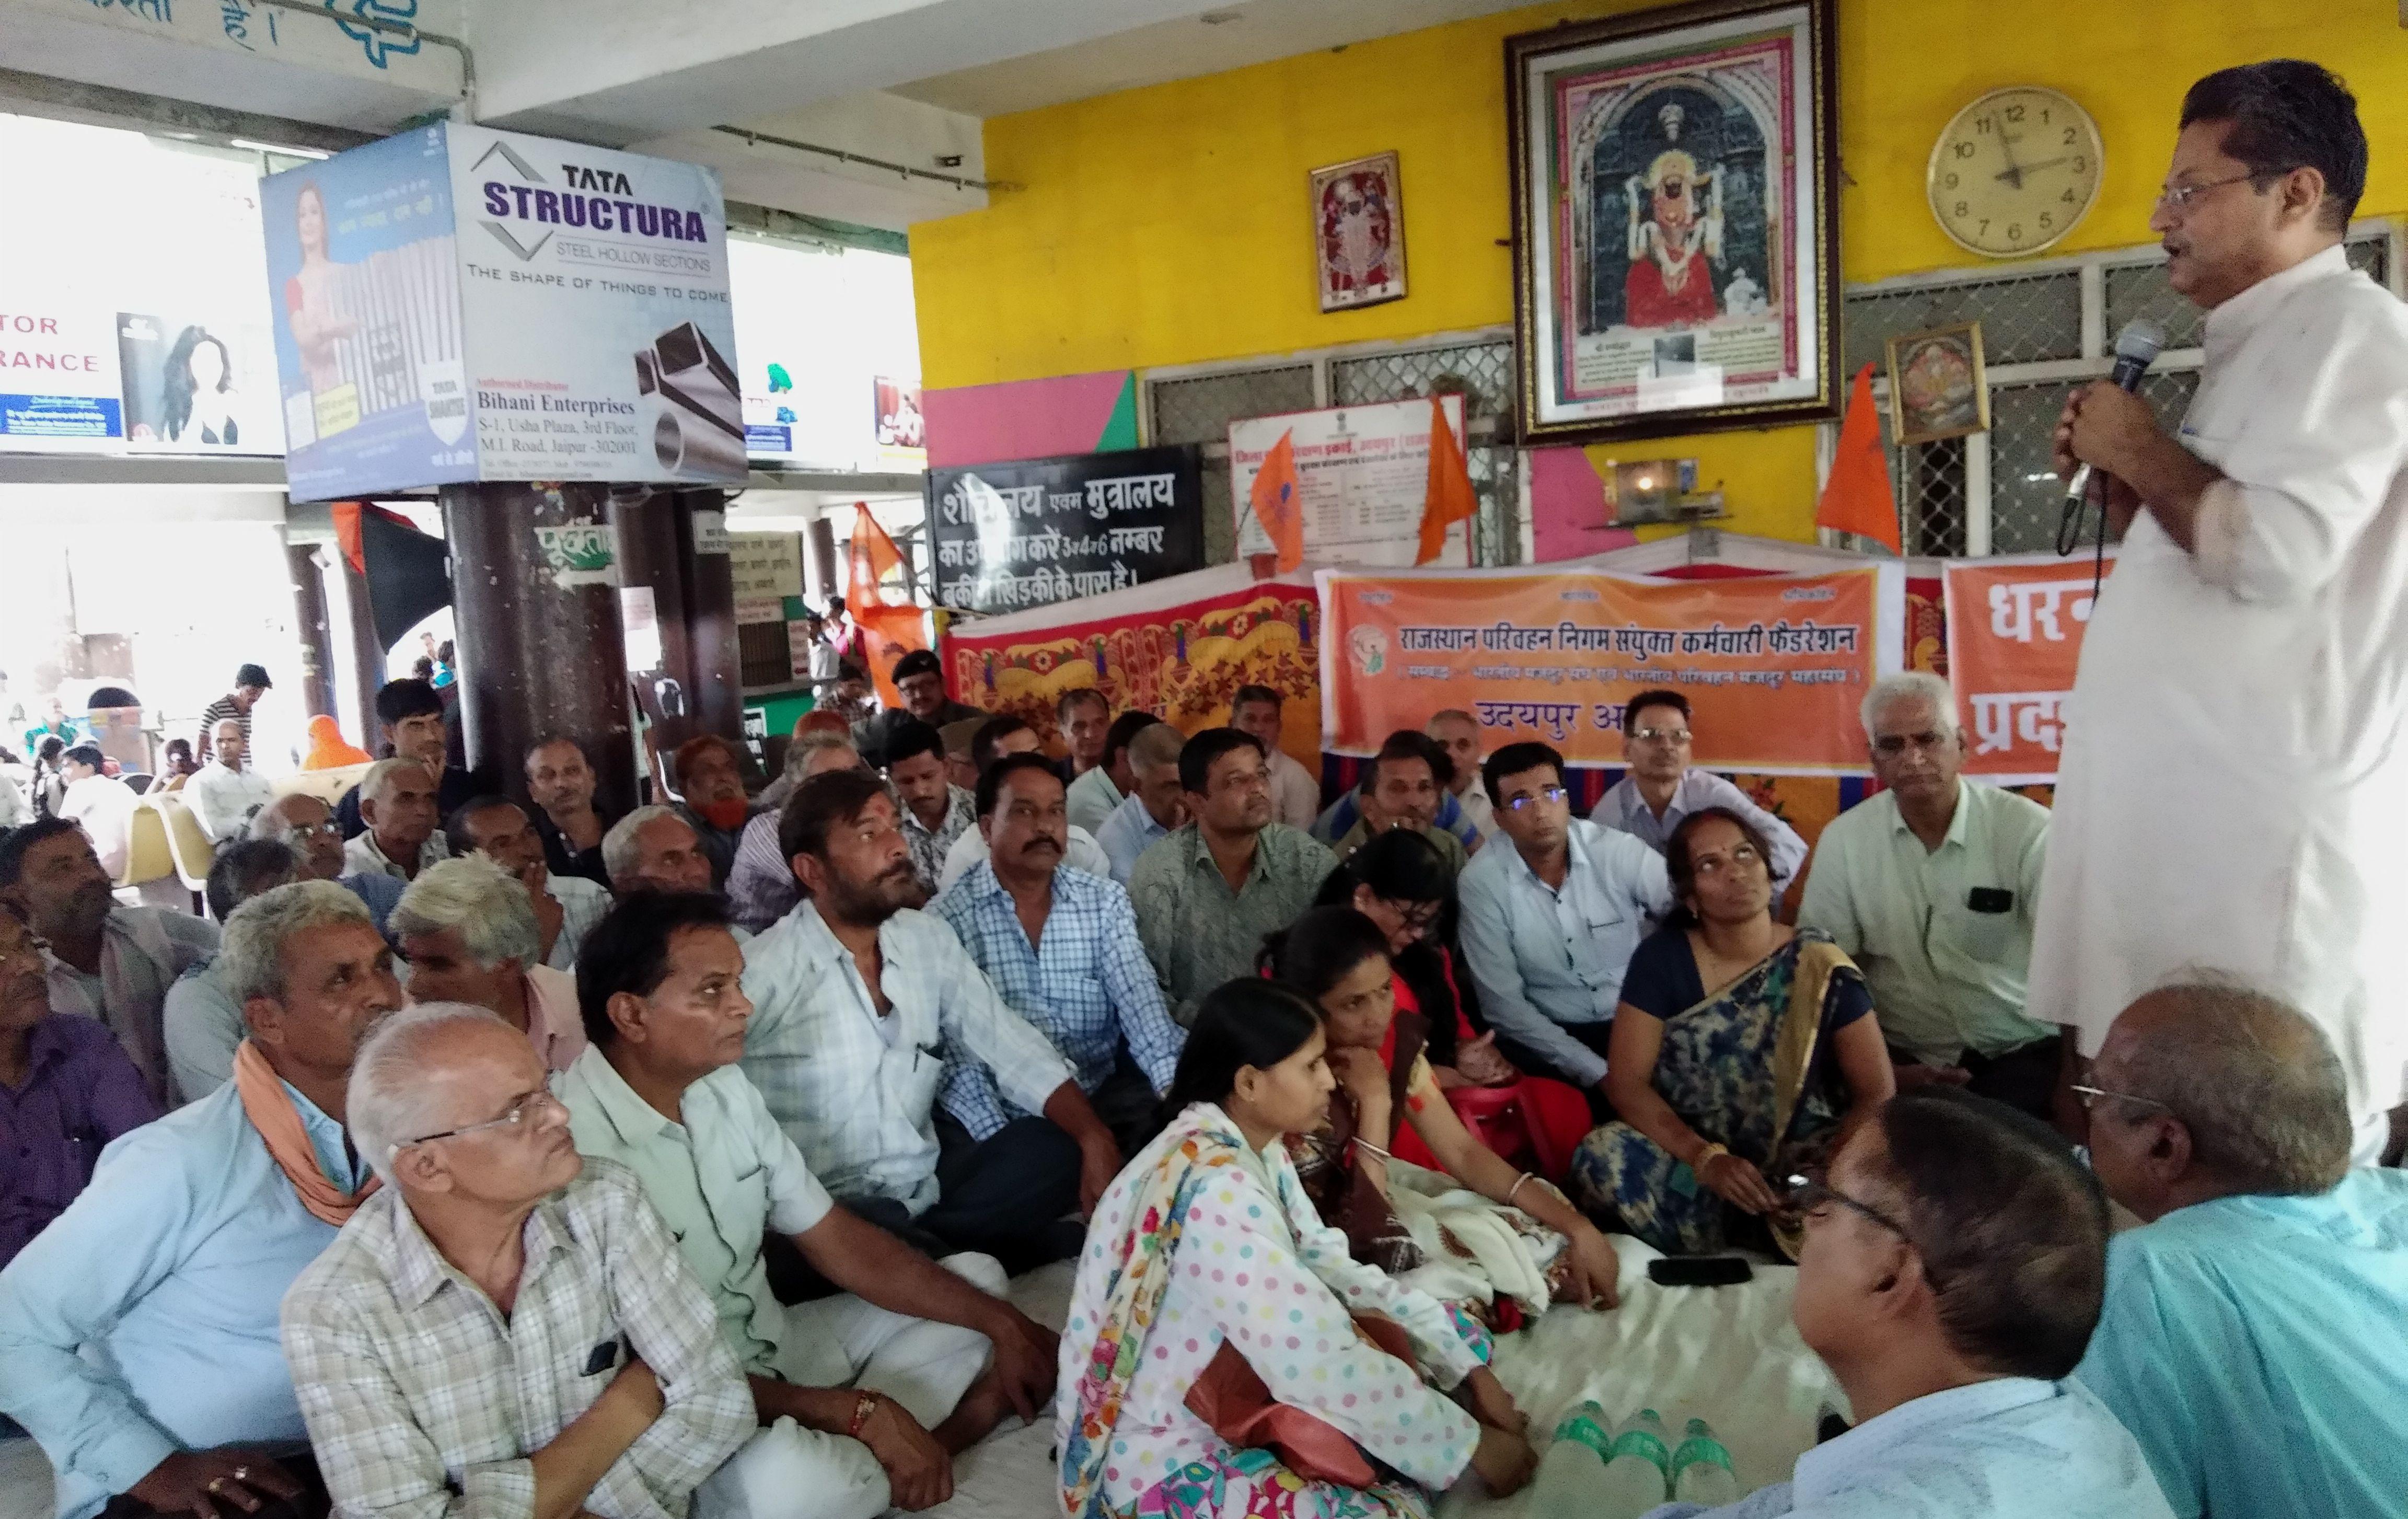 उदयपुर में रोड़वेज कर्मचारियों ने किया प्रदर्शन, मांगेंं नहींं मानींं तो...करेंगे भूख हड़ताल